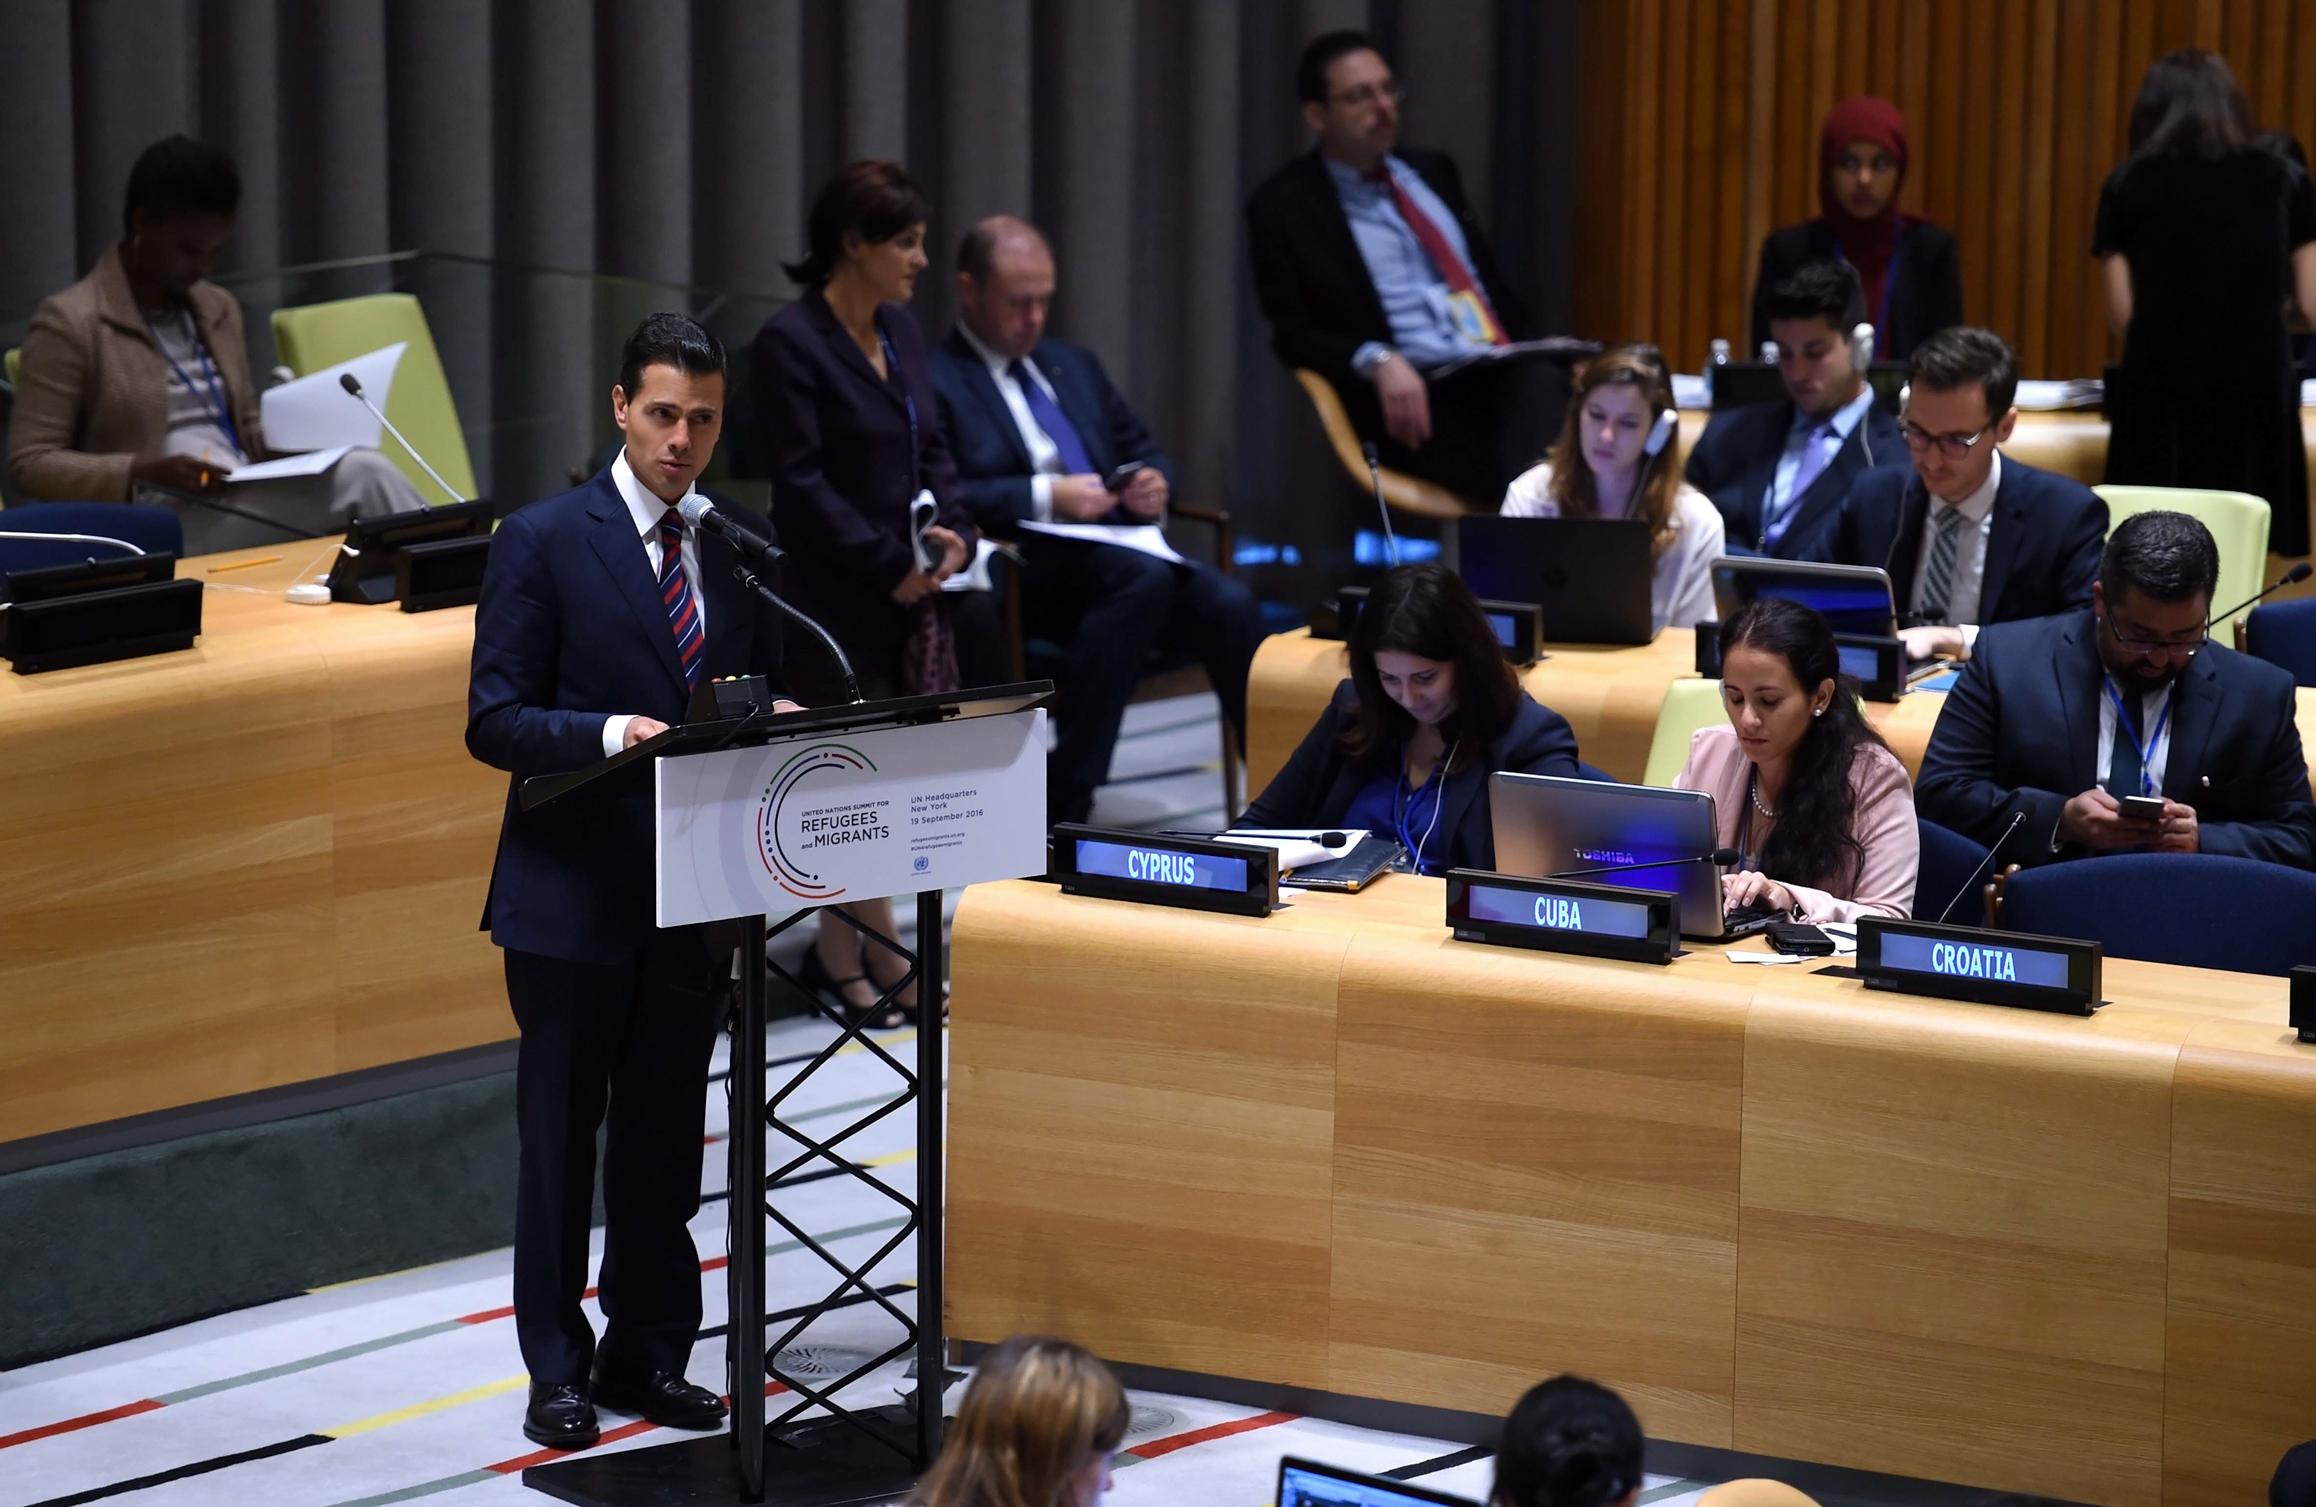 Iniciamos un diálogo que debe privilegiar la corresponsabilidad y la cooperación entre naciones; es tiempo de poner en práctica una visión incluyente y solidaria, expresó.